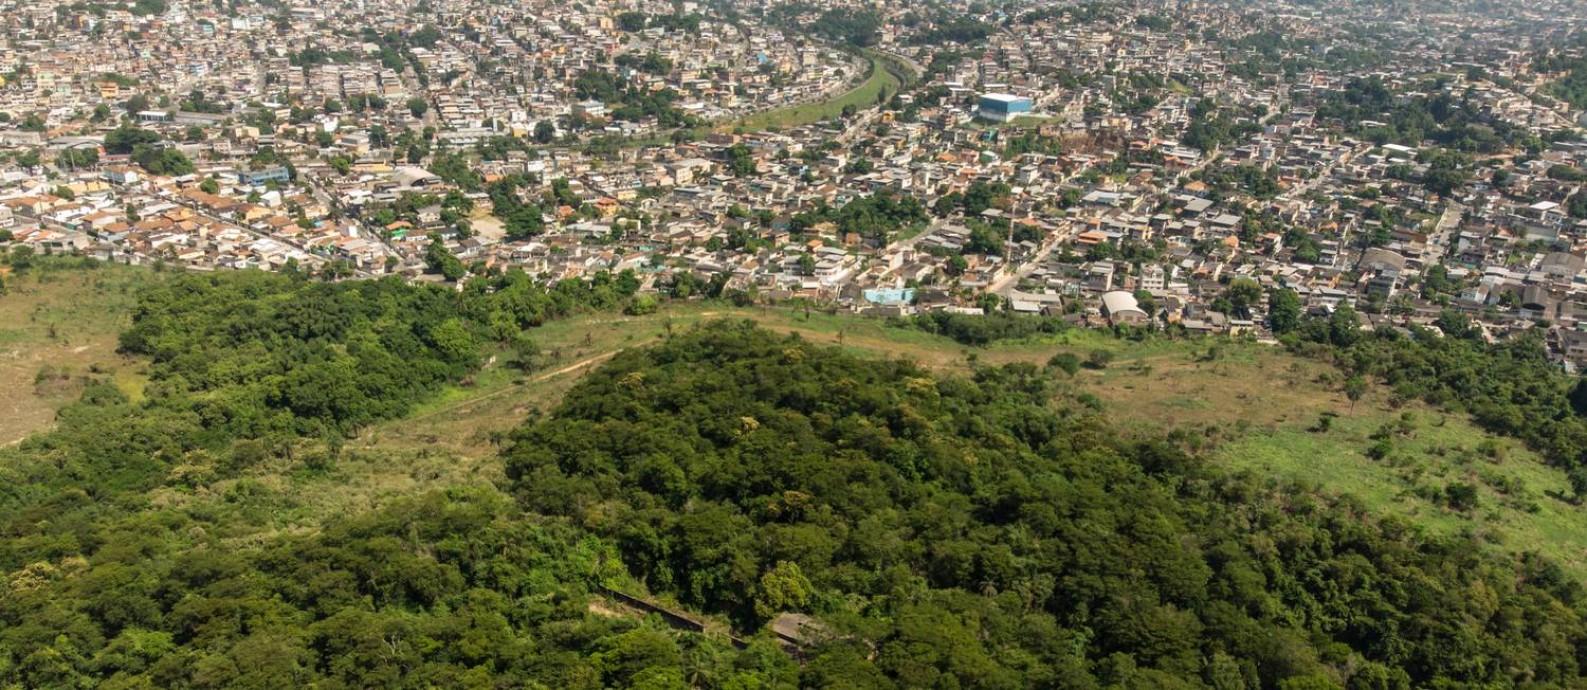 A Floresta do Camboatá, área ocupada pelo Exército, onde a prefeitura quer que seja construída uma pista com 5.835 metros de extensão Foto: Brenno Carvalho